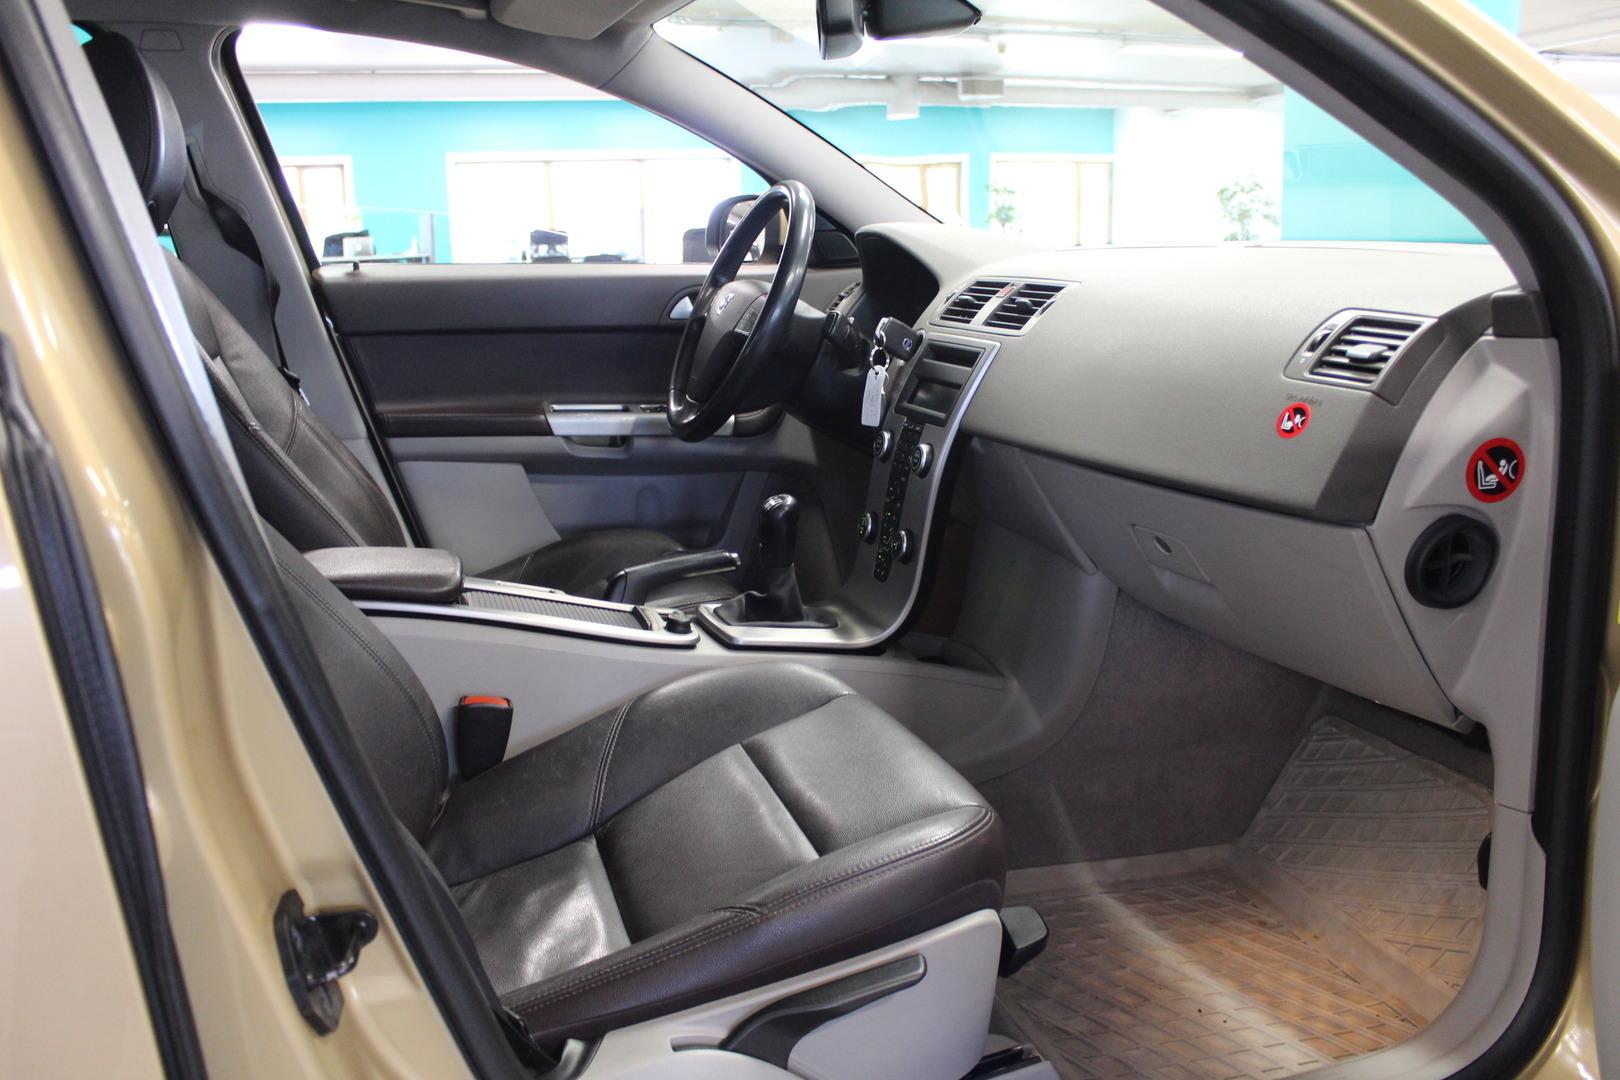 Volvo S40, 2.0D Momentum man **Juuri tullut** #Huippusiisti #Hyvin pidetty